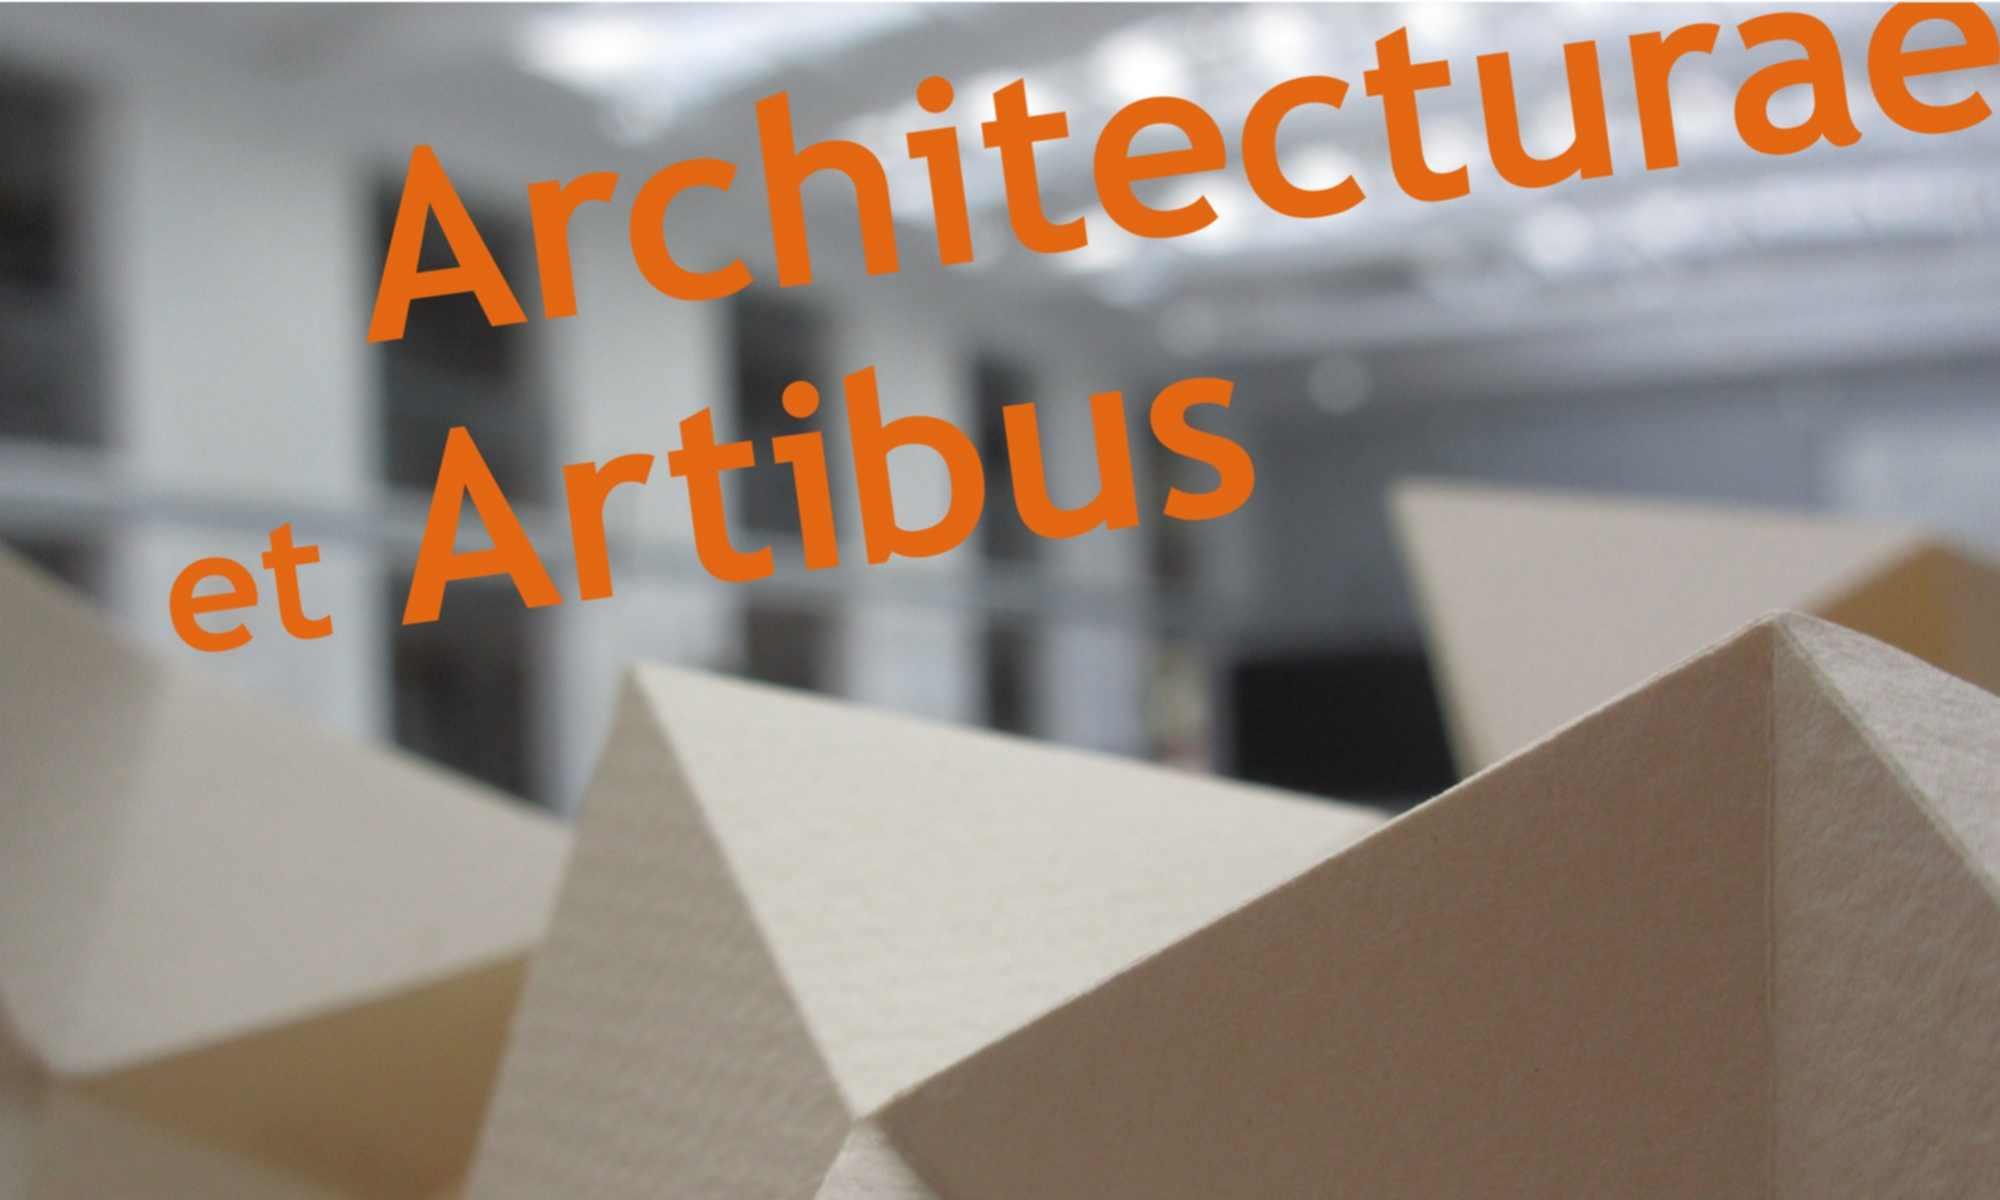 Architecturae et Artibus